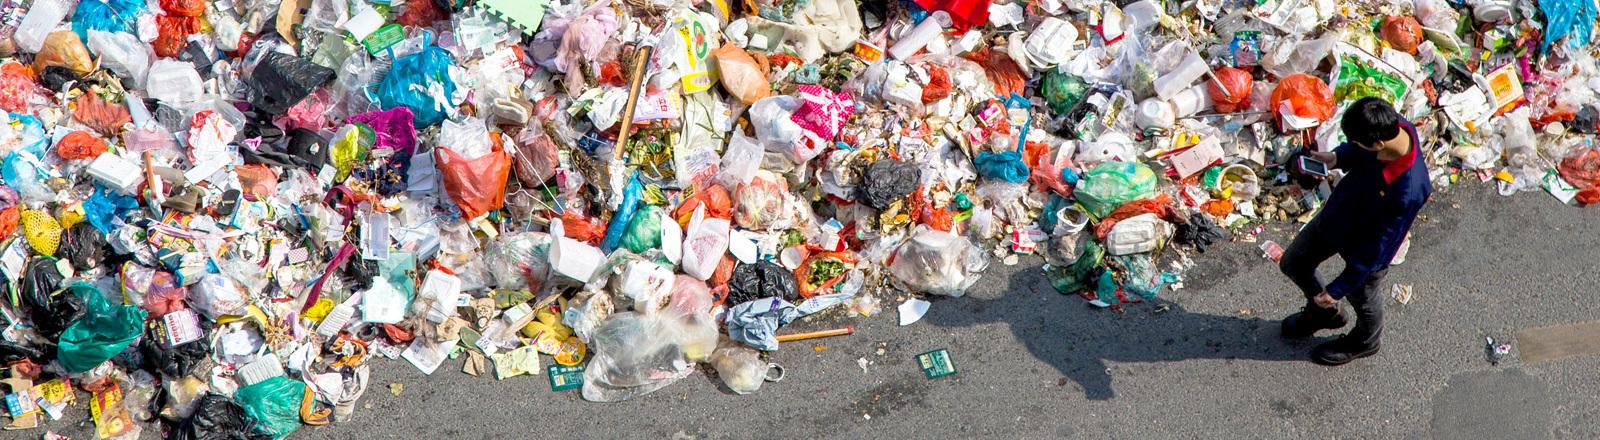 Ein Mann neben einem Müllberg in China